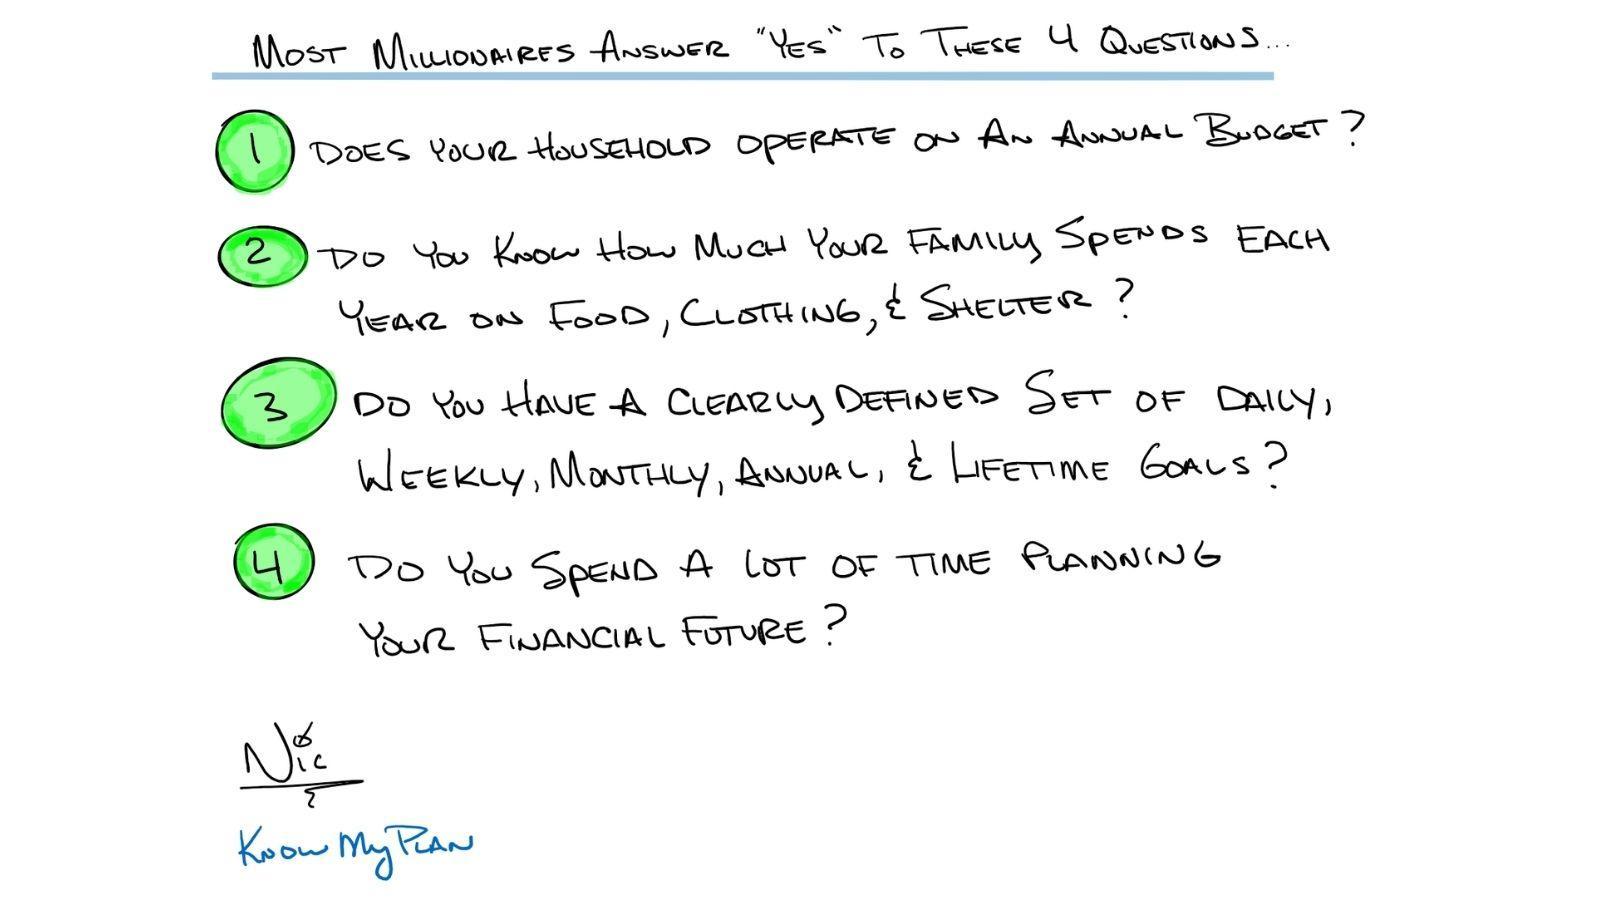 millionaire questions